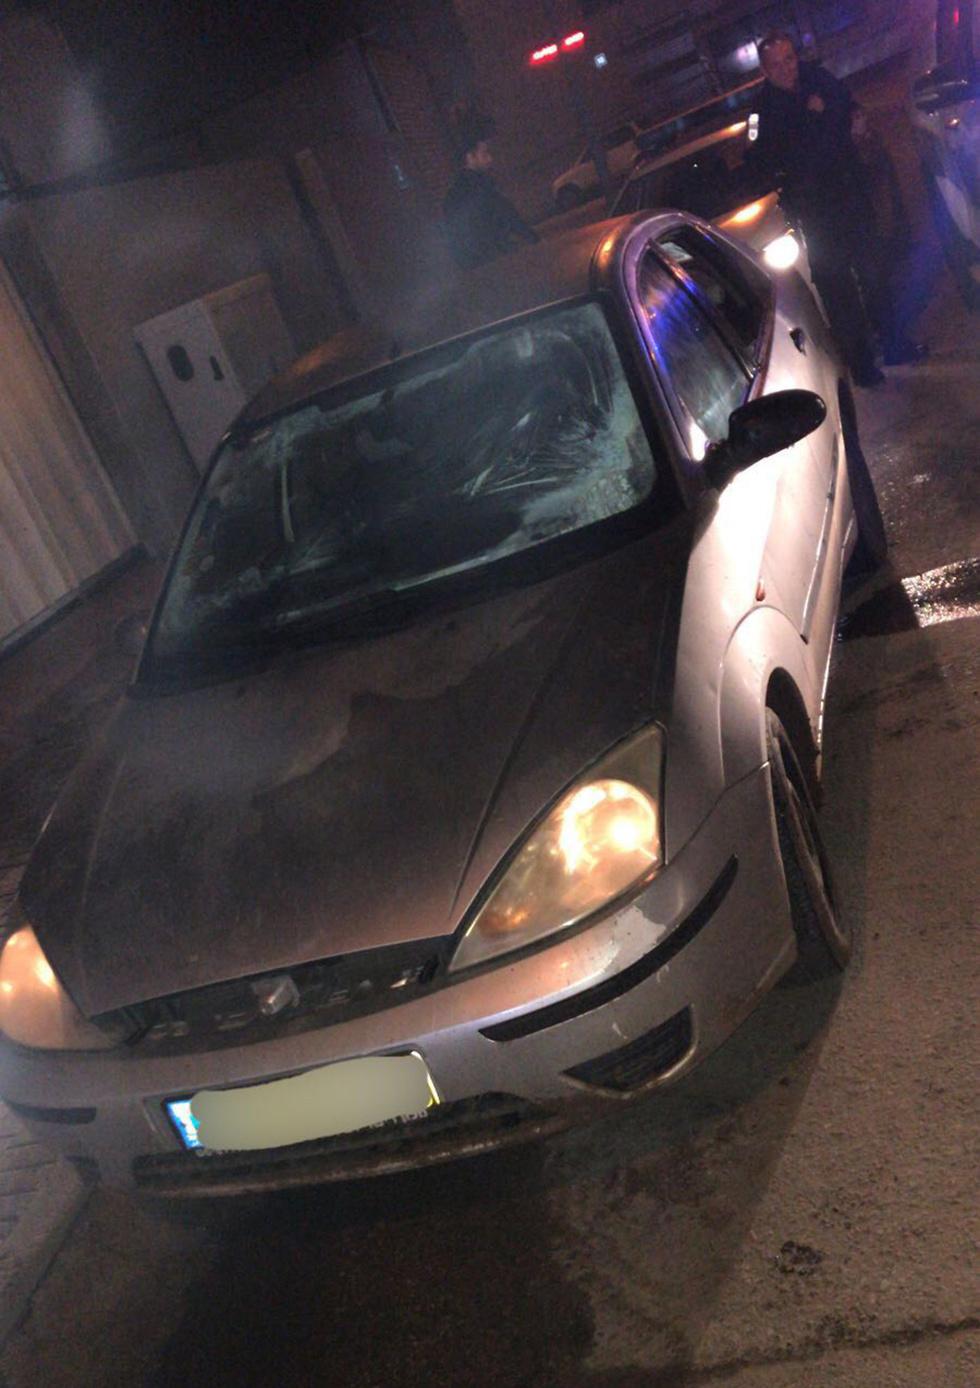 הרכב שגנבו הנערים (צילום: דוברות המשטרה) (צילום: דוברות המשטרה)